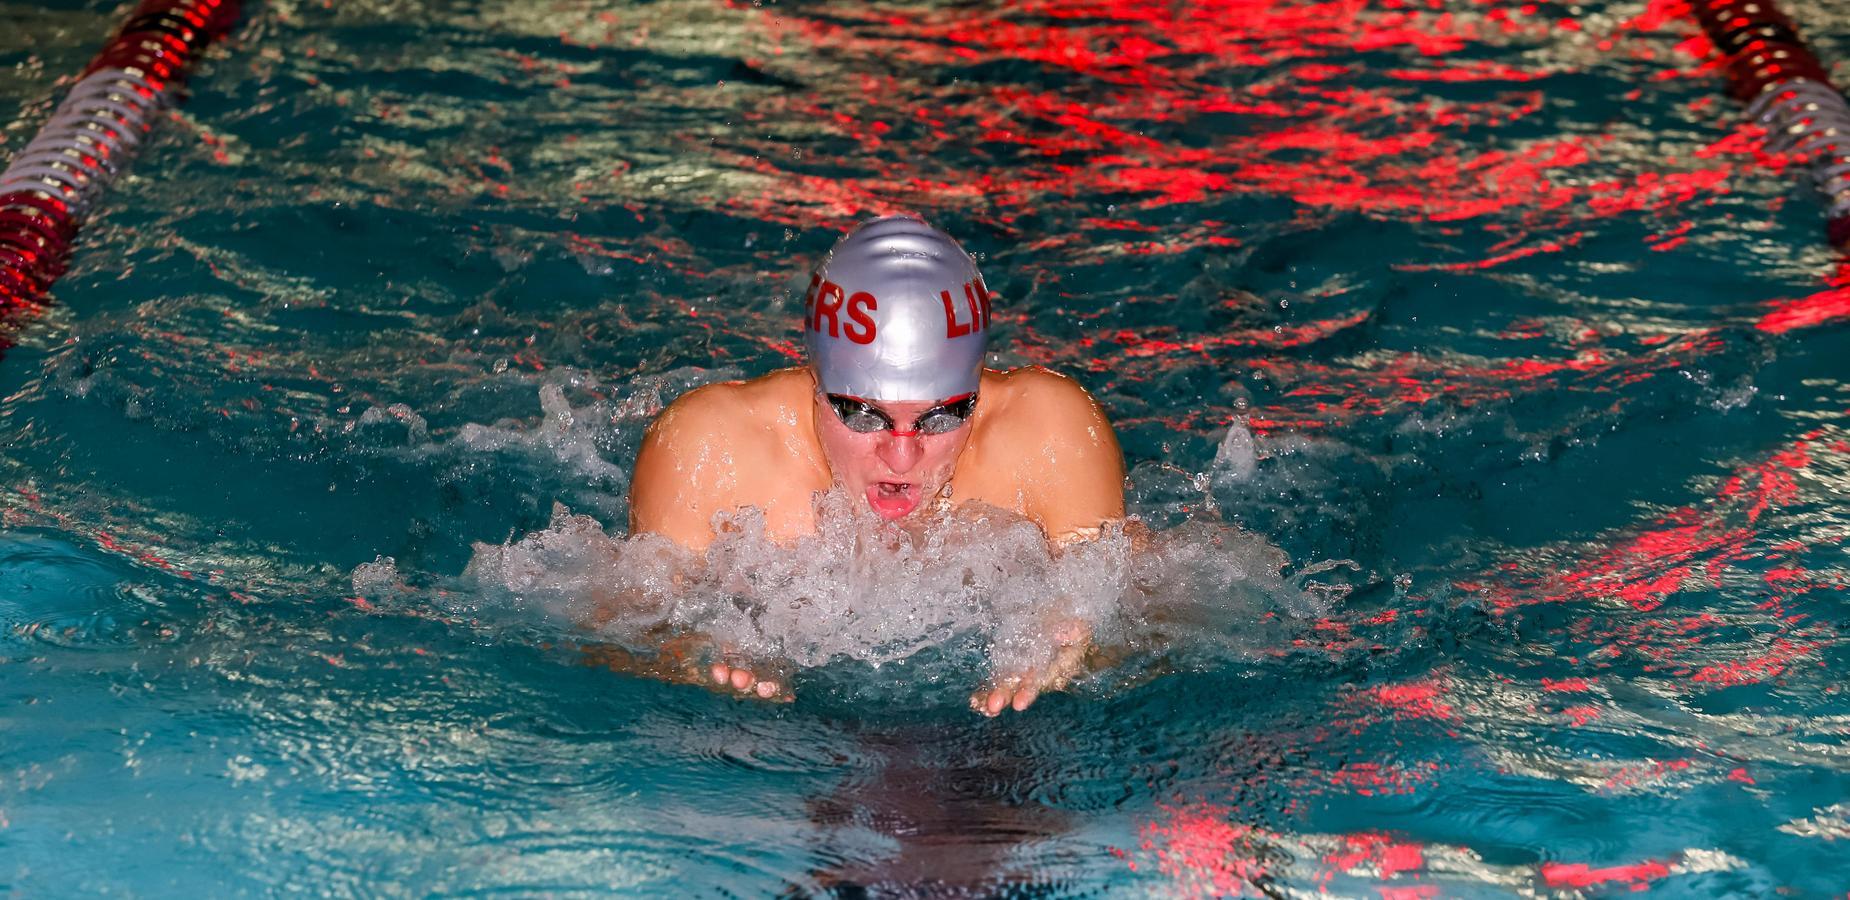 Swim Team Member